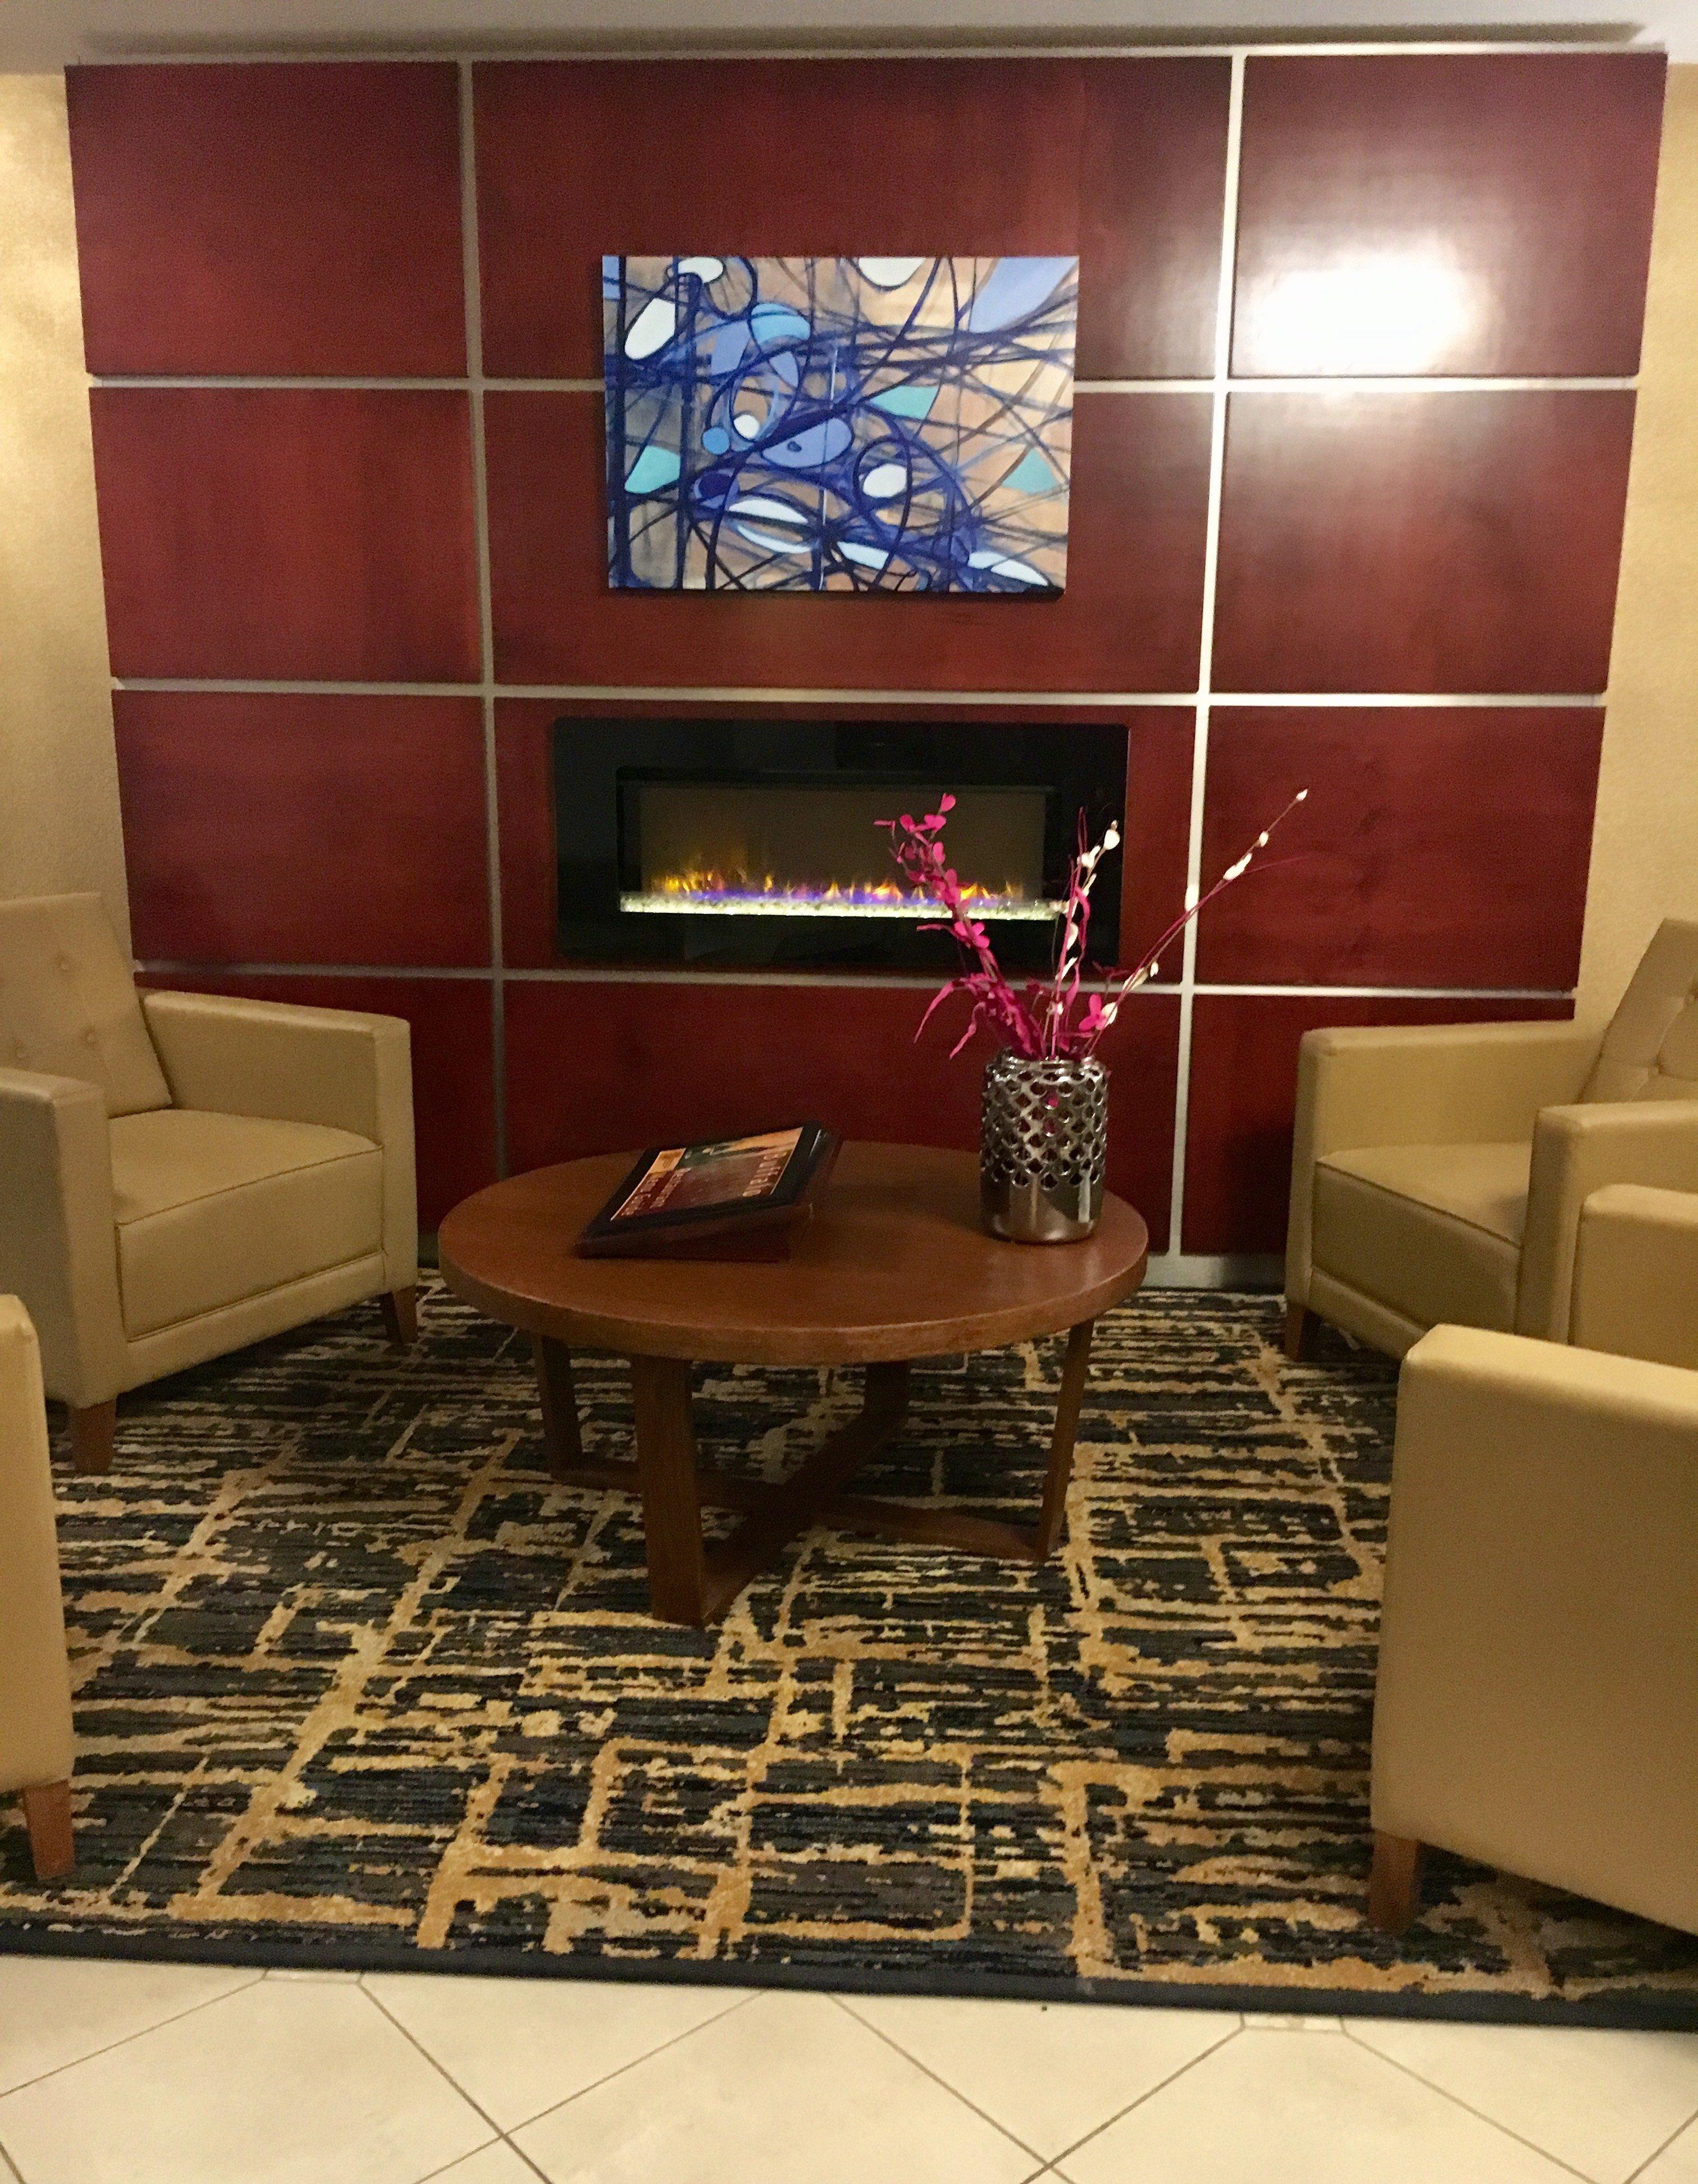 Lobby view Best Hotel Deals Buffalo NY